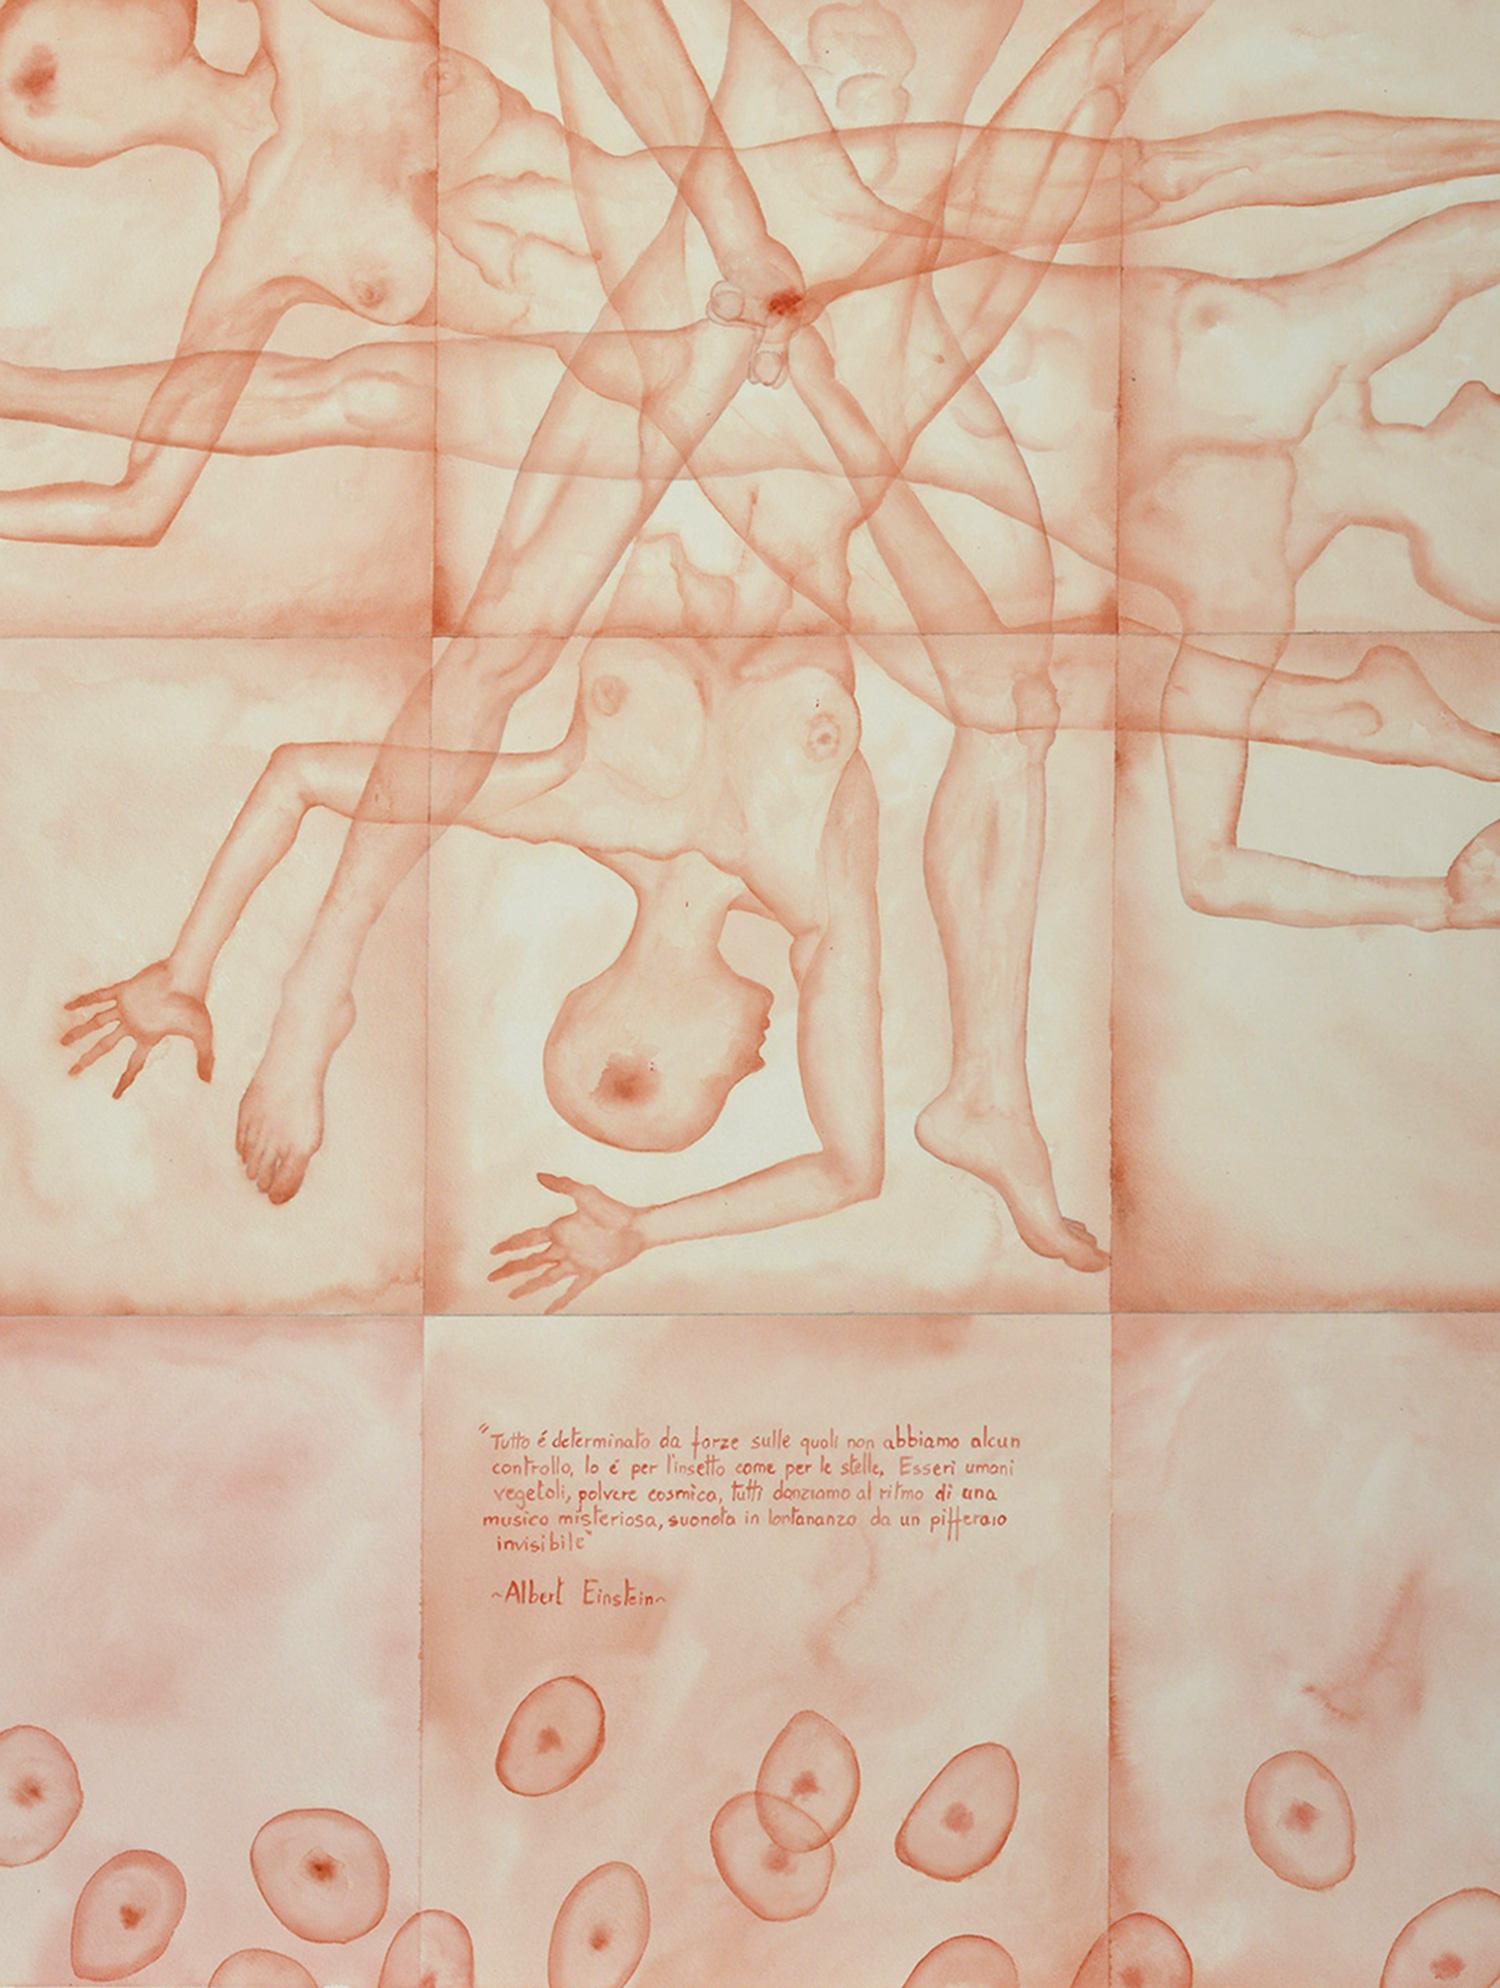 Stefano Bonzano, Forze emotive 02, acquerello su carta applicato su due pannelli, 2019 (dettaglio).